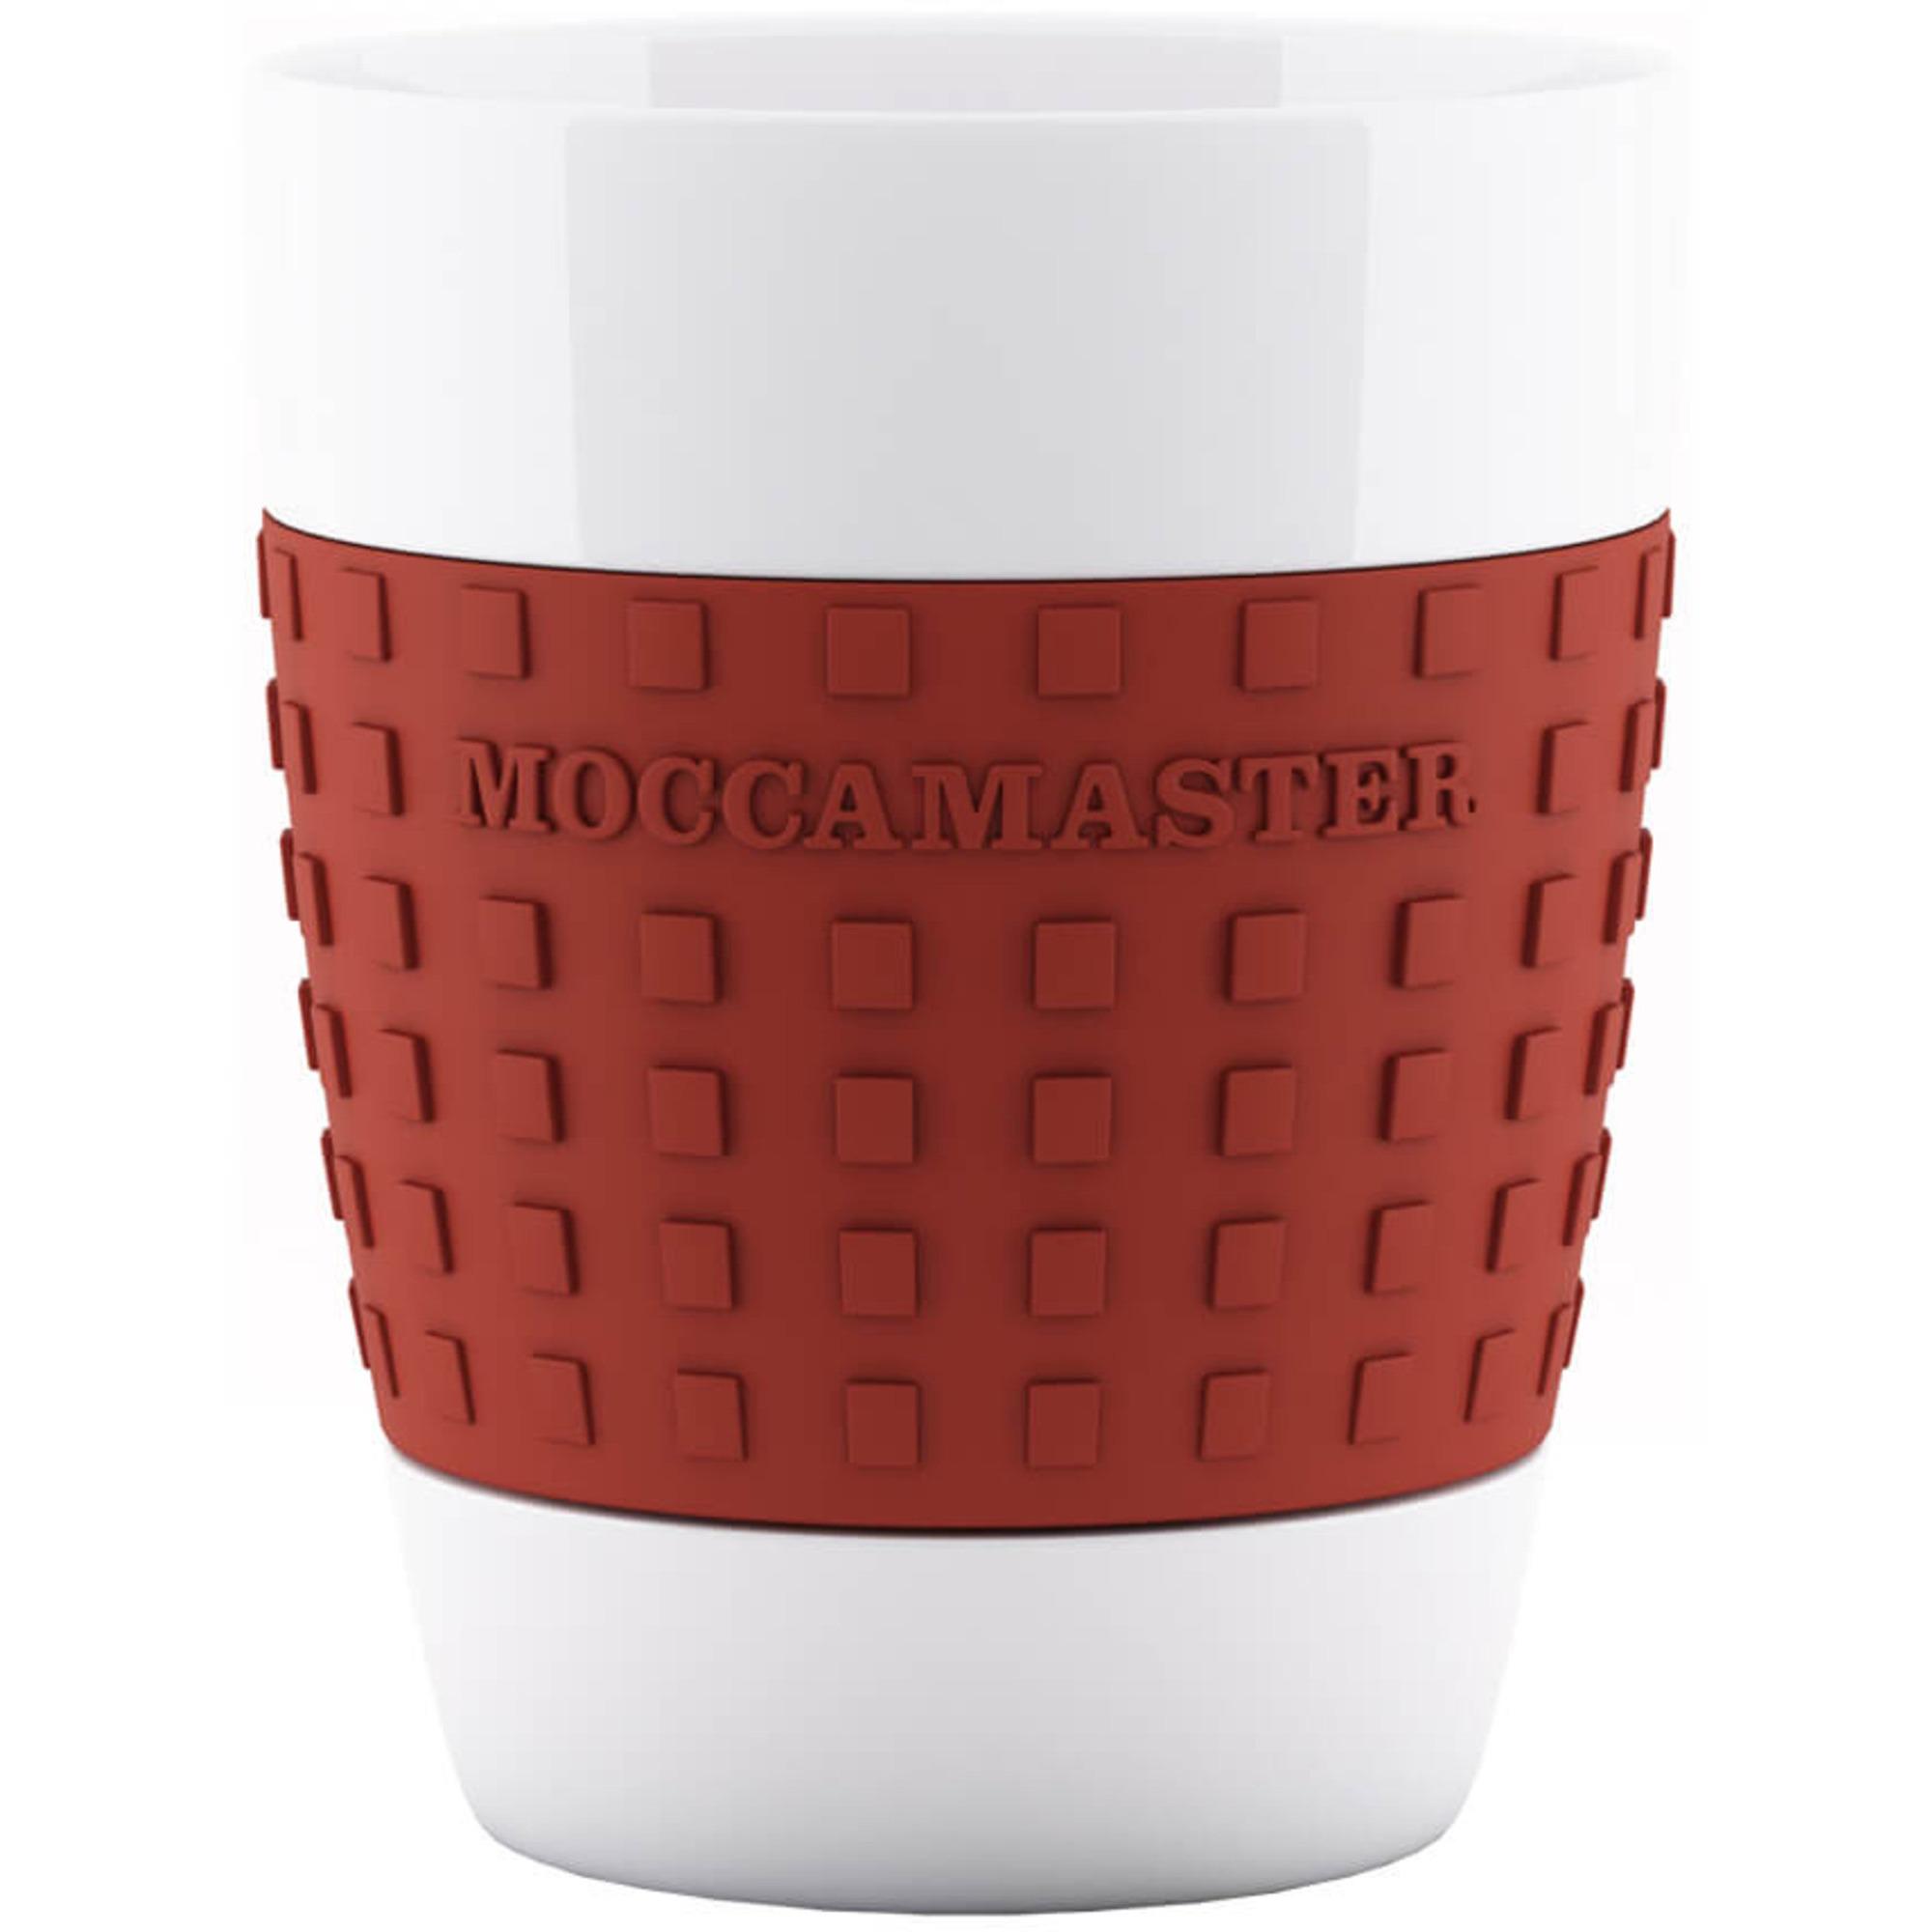 Moccamaster Kaffemugg Brick Red